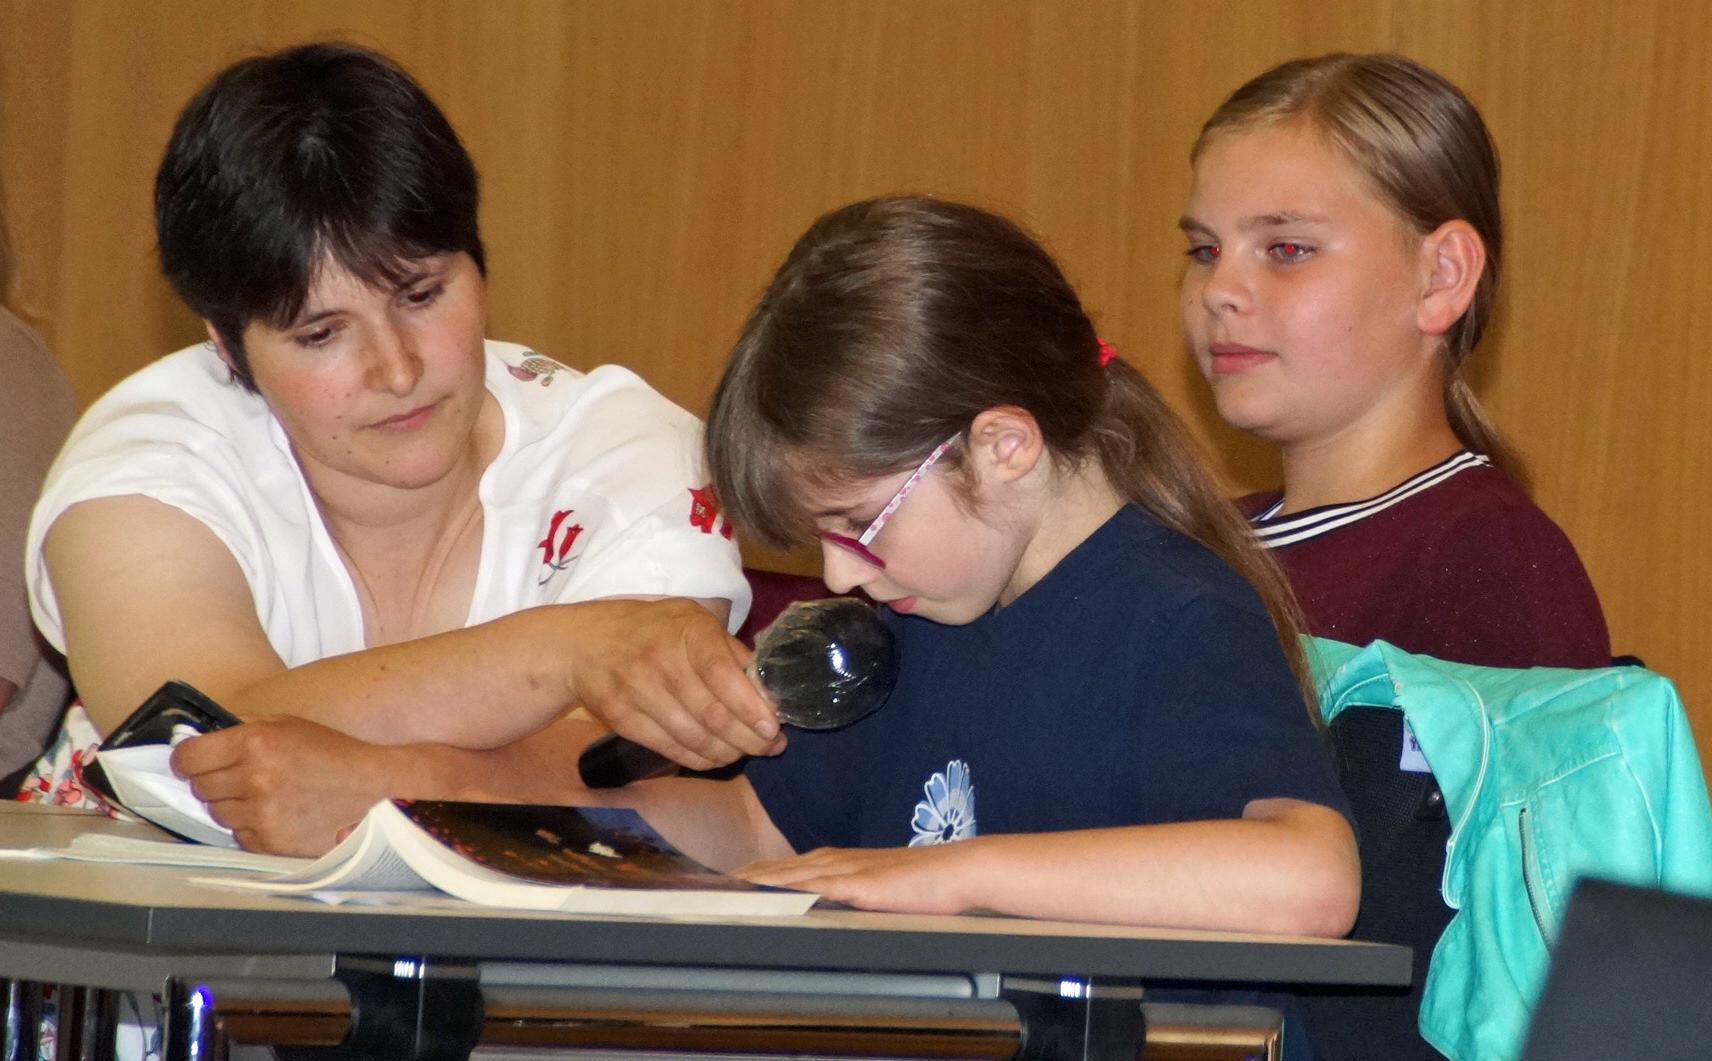 Sophie Stöckerl (hier bei der Lesung eines Auszugs ihrer Vampirgeschichte) und Miriam Schwarzhuber waren mit neun Jahren die jüngsten Autoren.